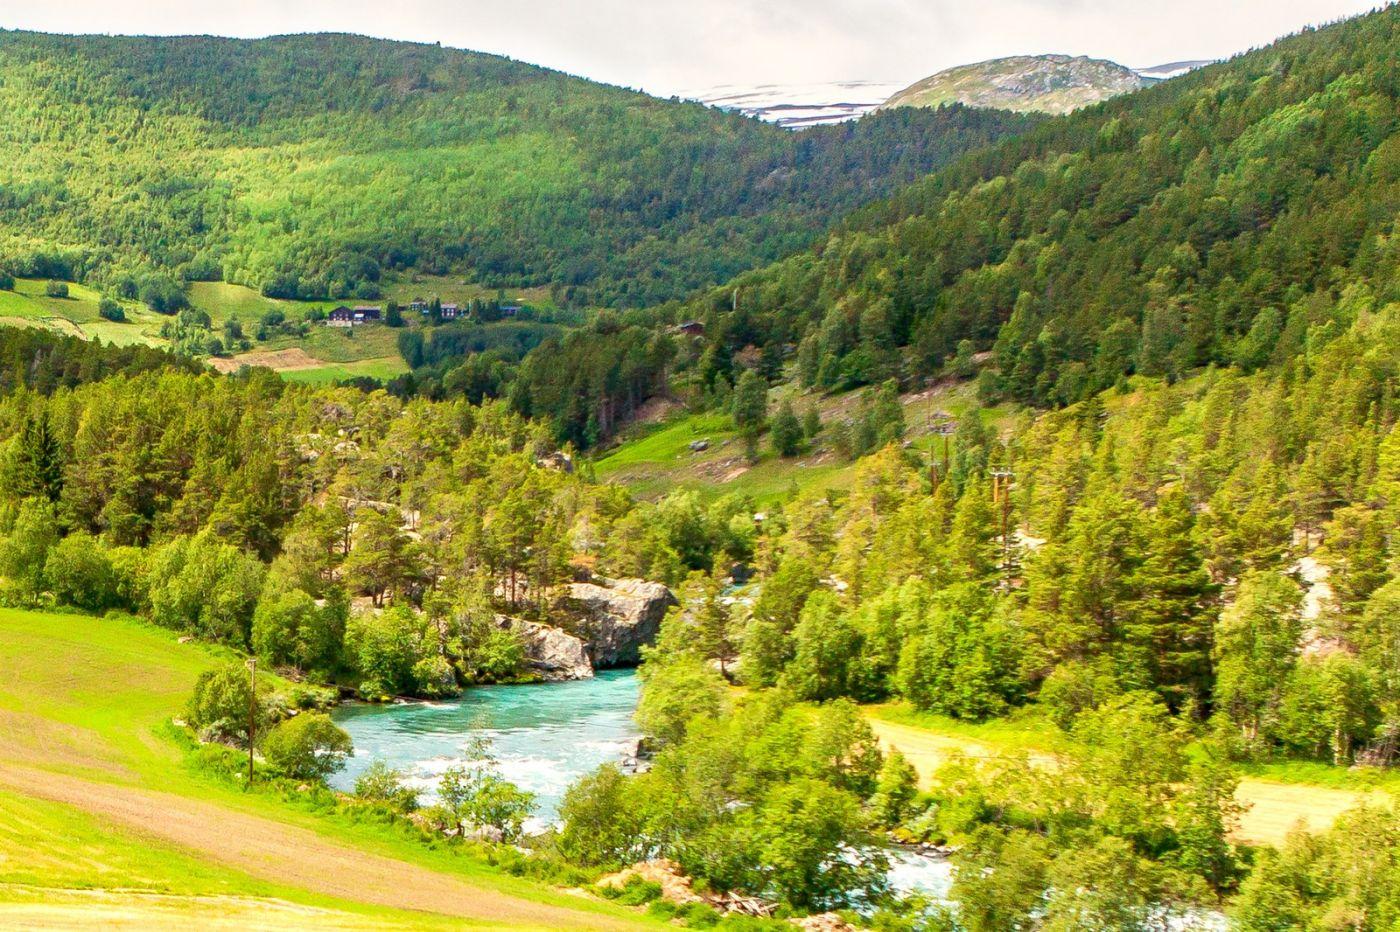 北欧风光,风景美如画_图1-33